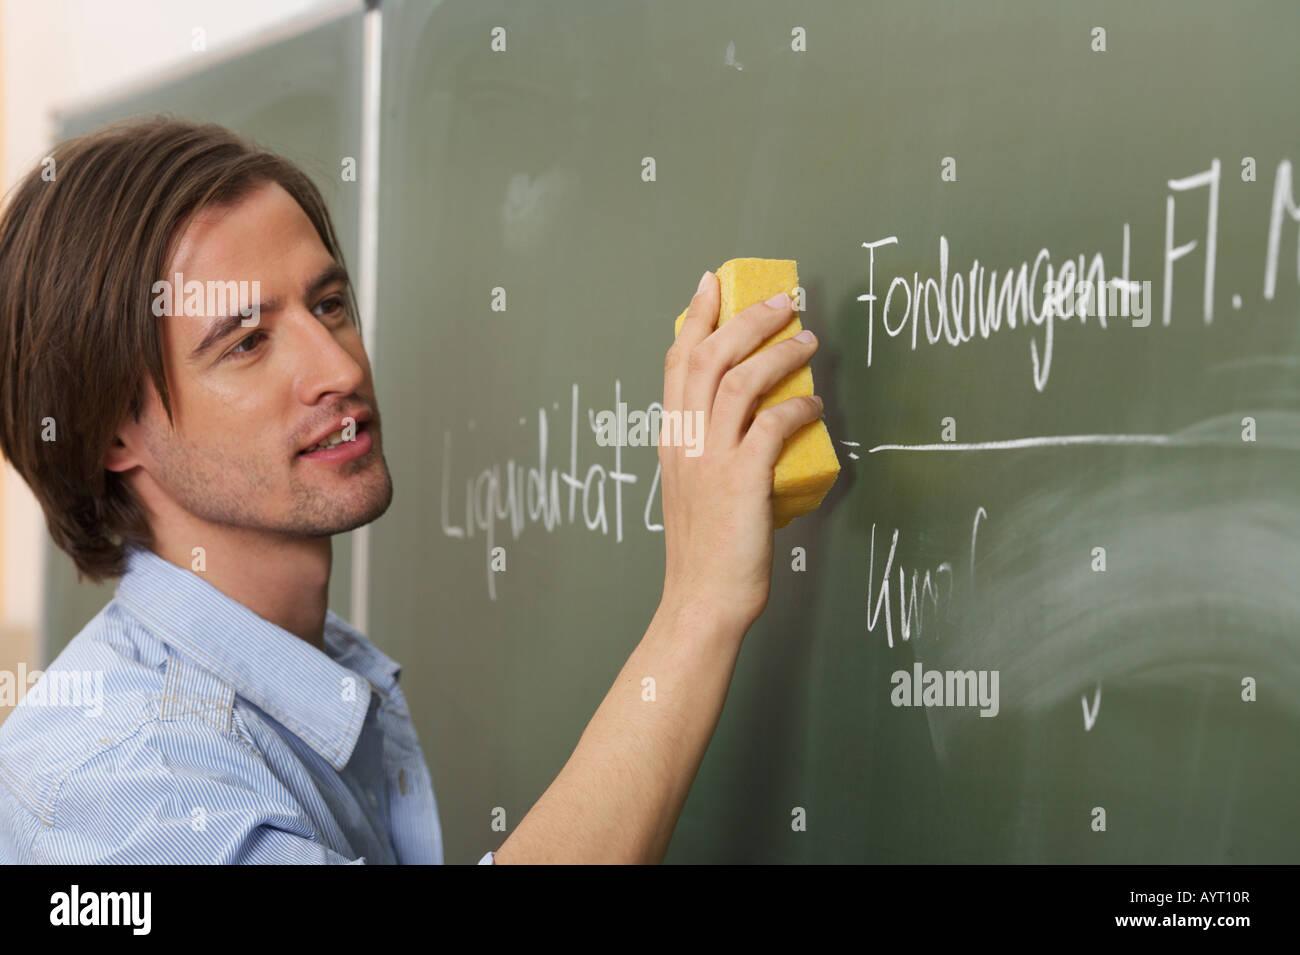 Ein Mann ist das Board verschmieren. Stockbild